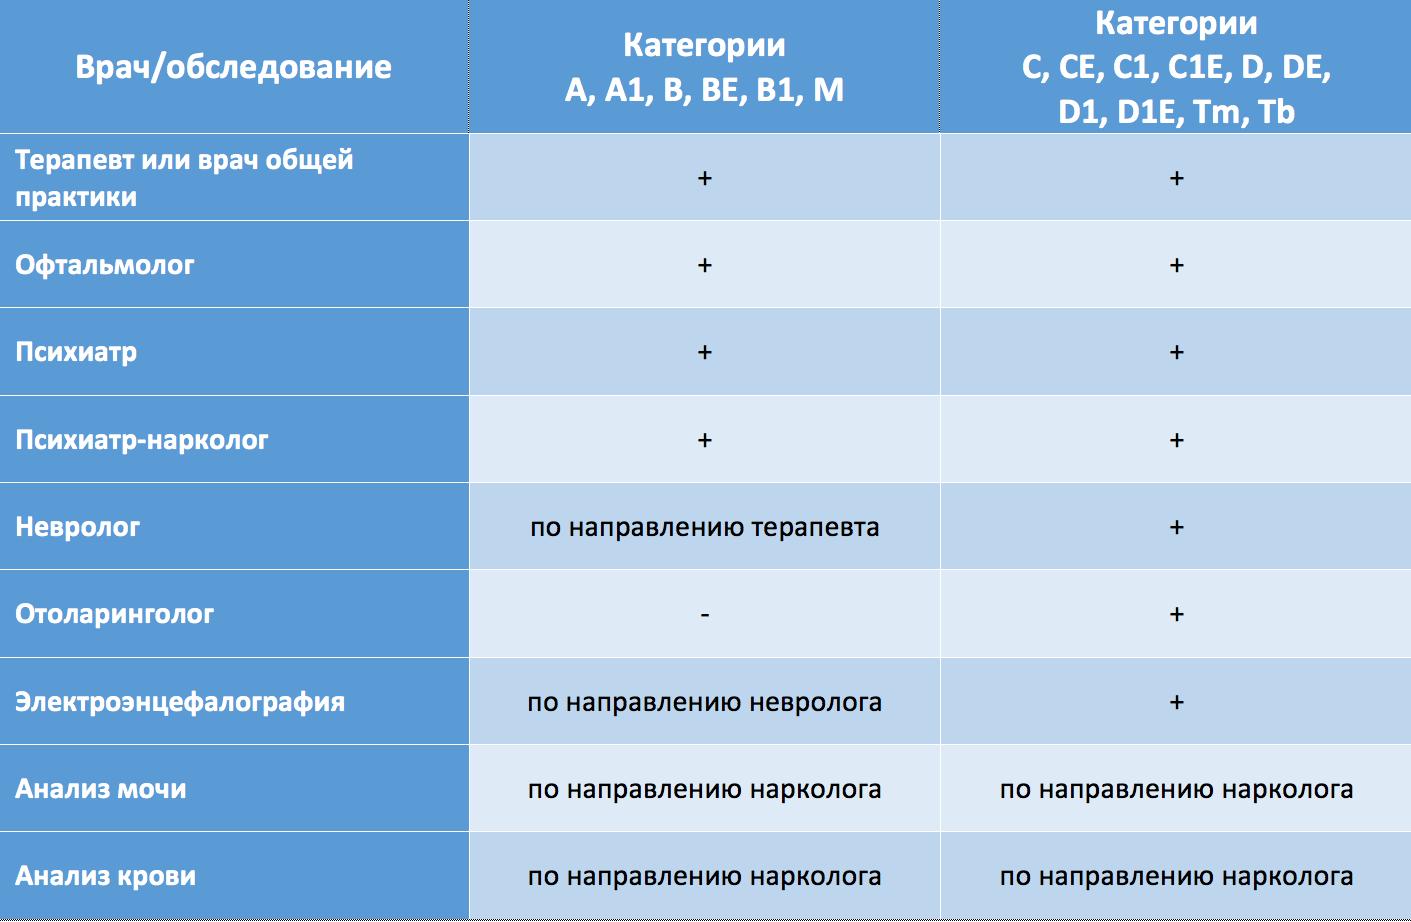 Справка в ГАИ 003 в у Лермонтовский проспект больничный лист задним числом в москве